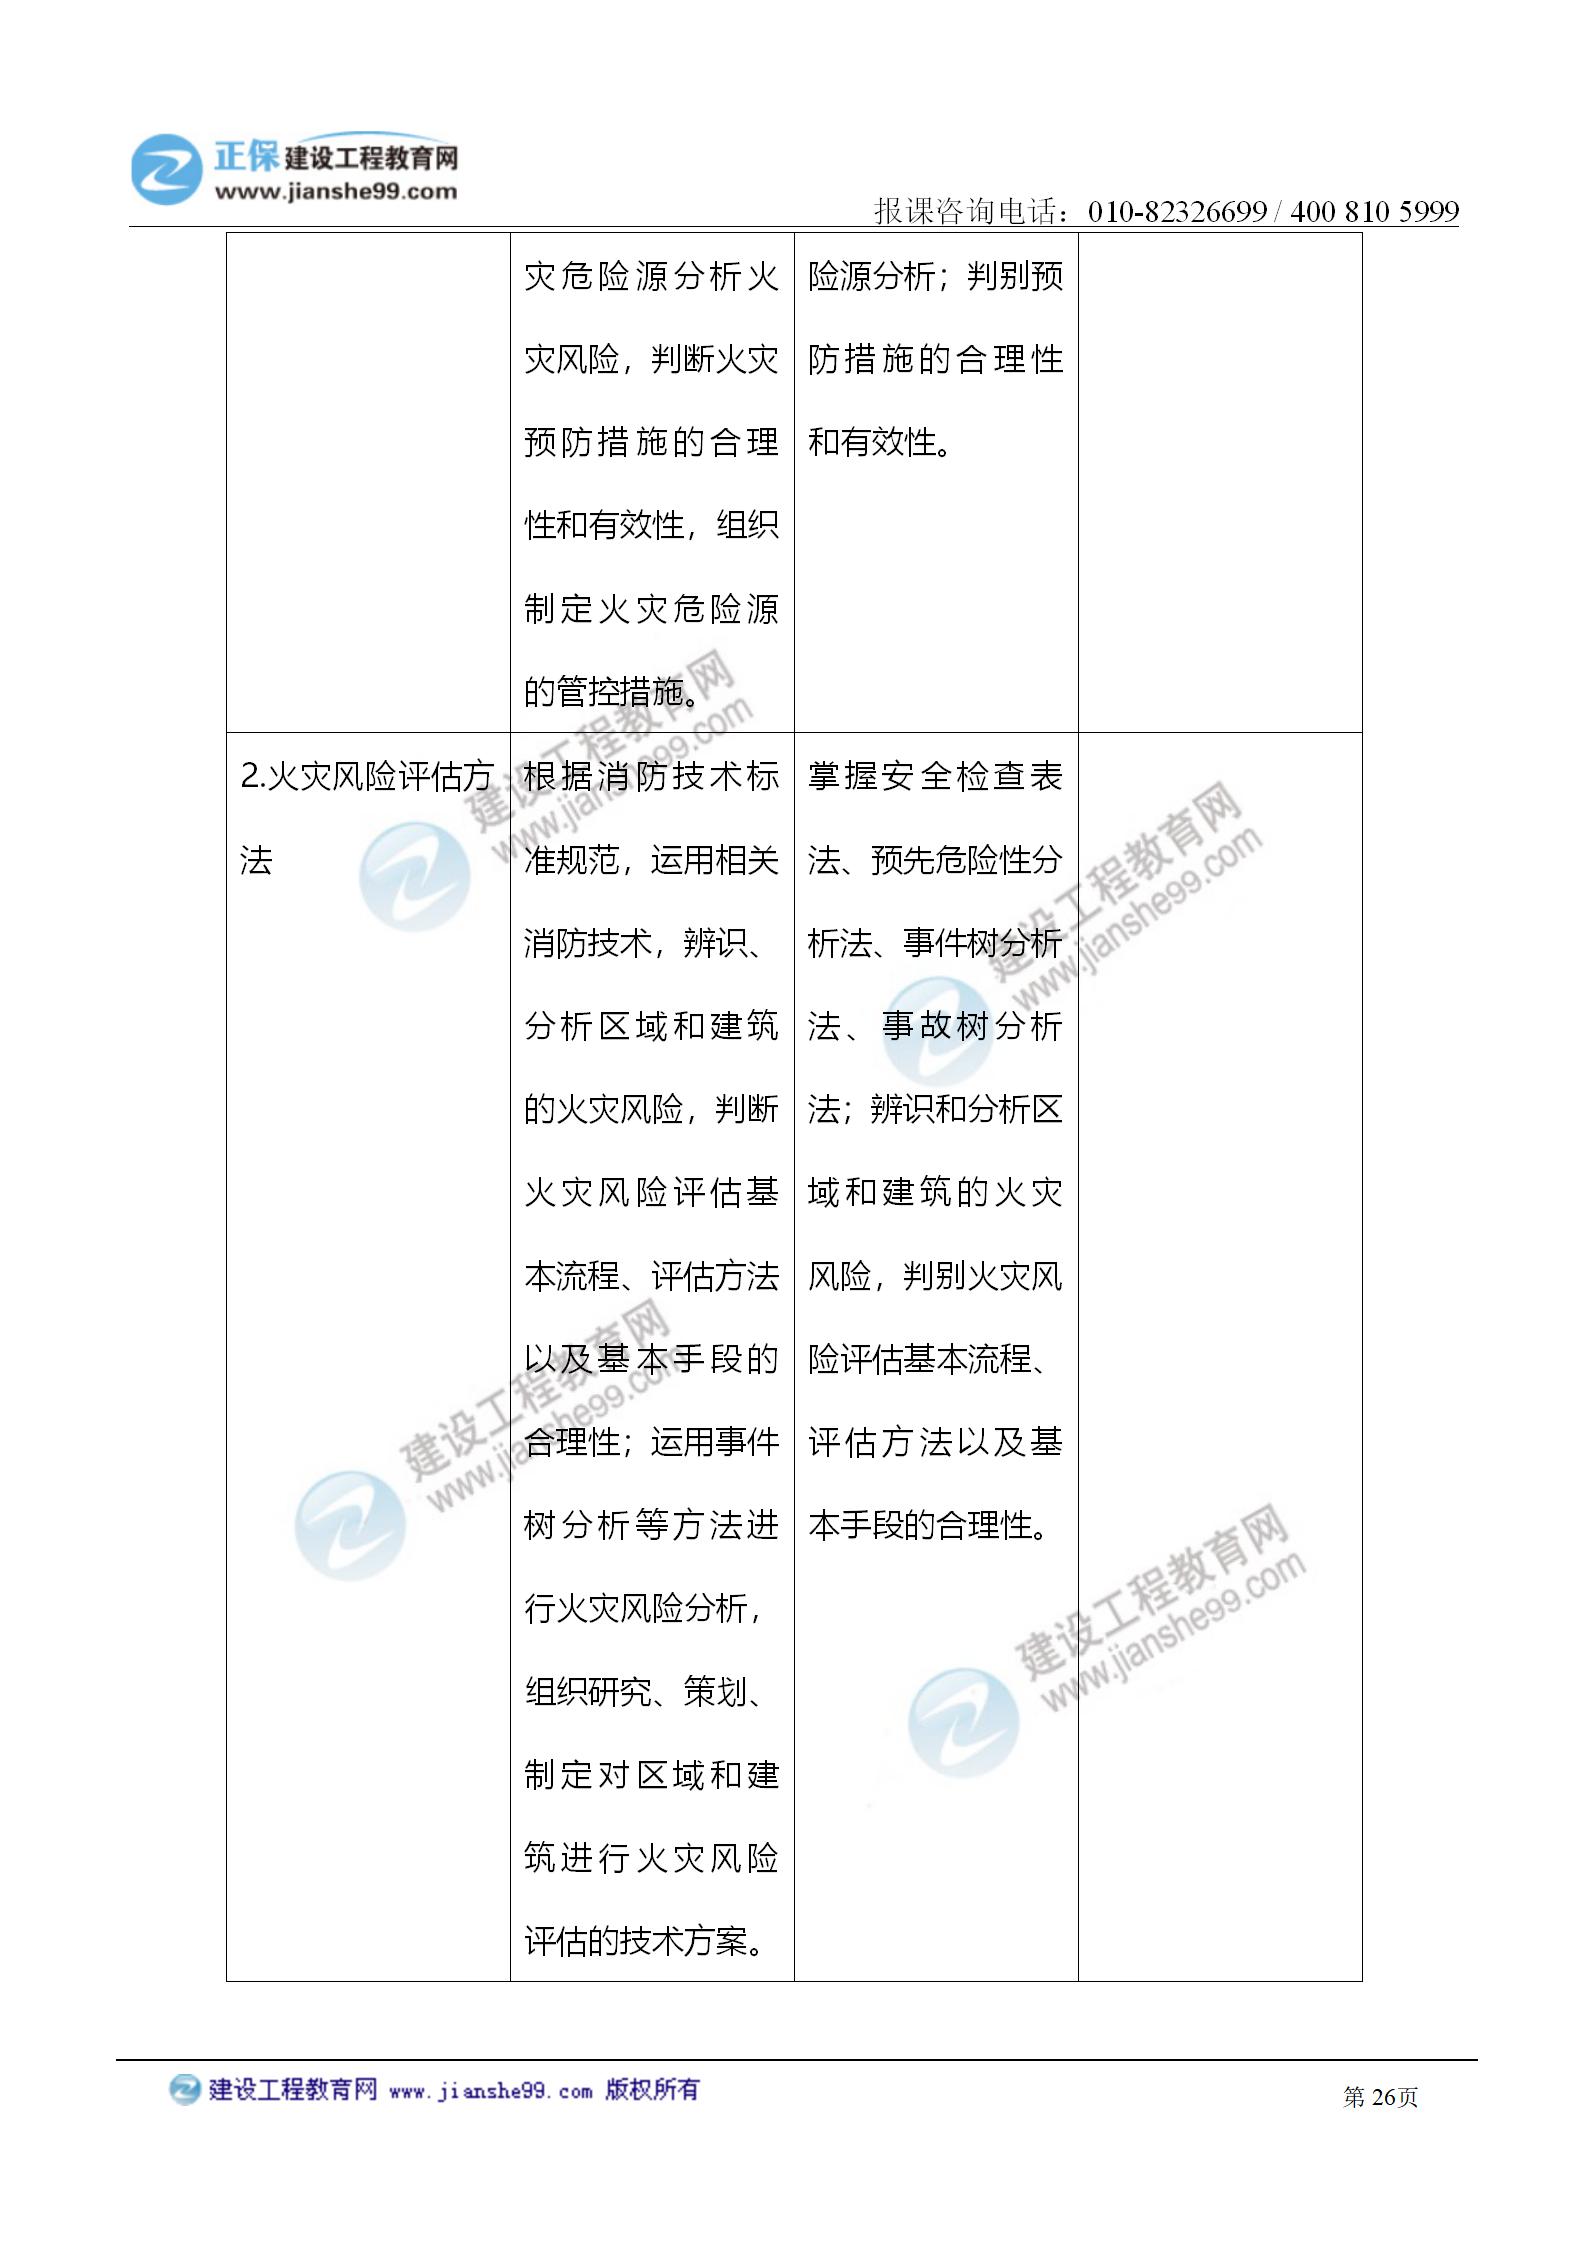 2021注册消防工程师《技术实务》考试大纲变化情况_26